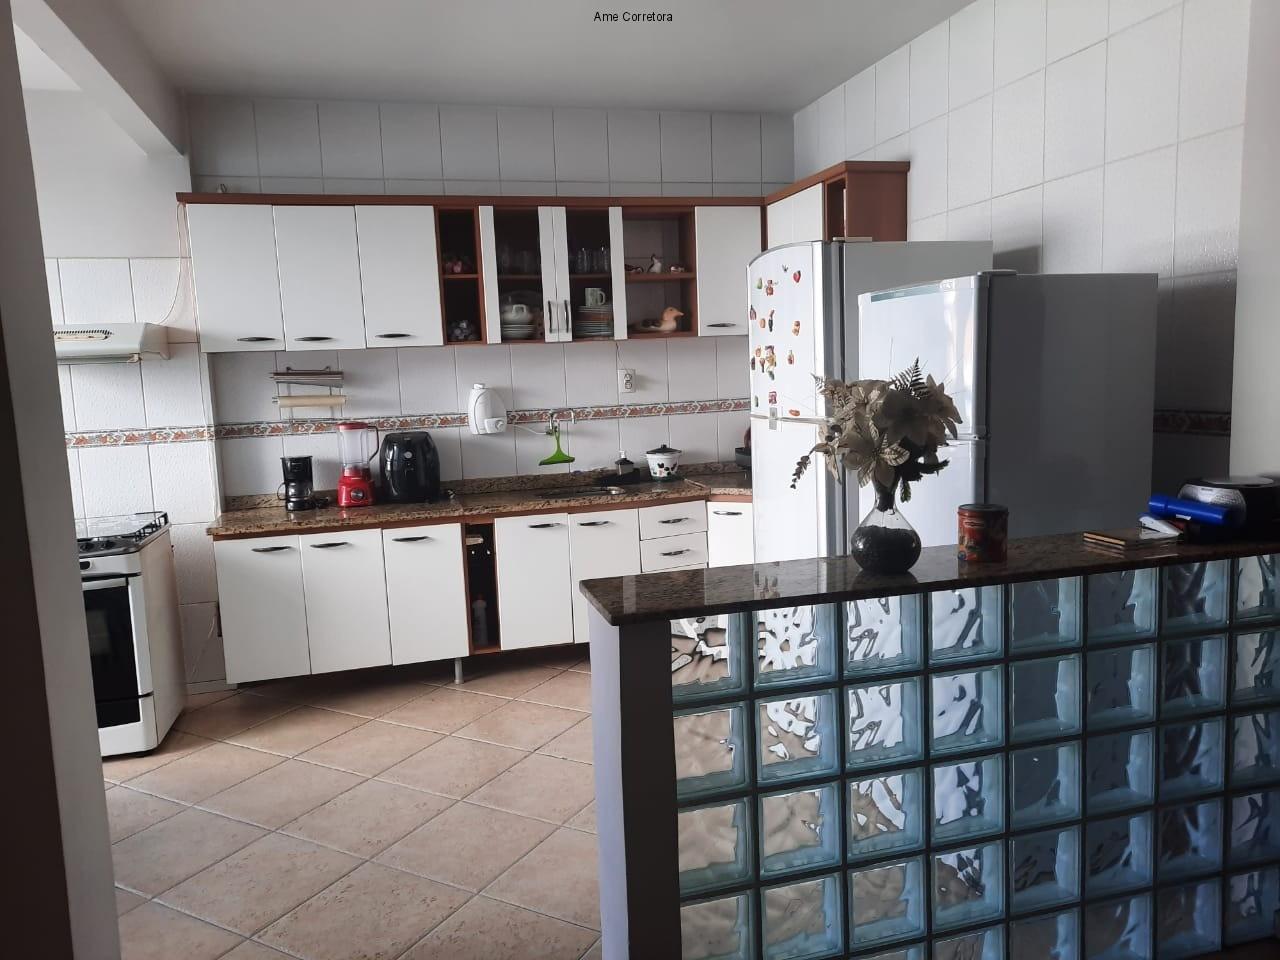 FOTO 16 - Apartamento 3 quartos à venda Rio de Janeiro,RJ - R$ 1.400.000 - AP00410 - 17